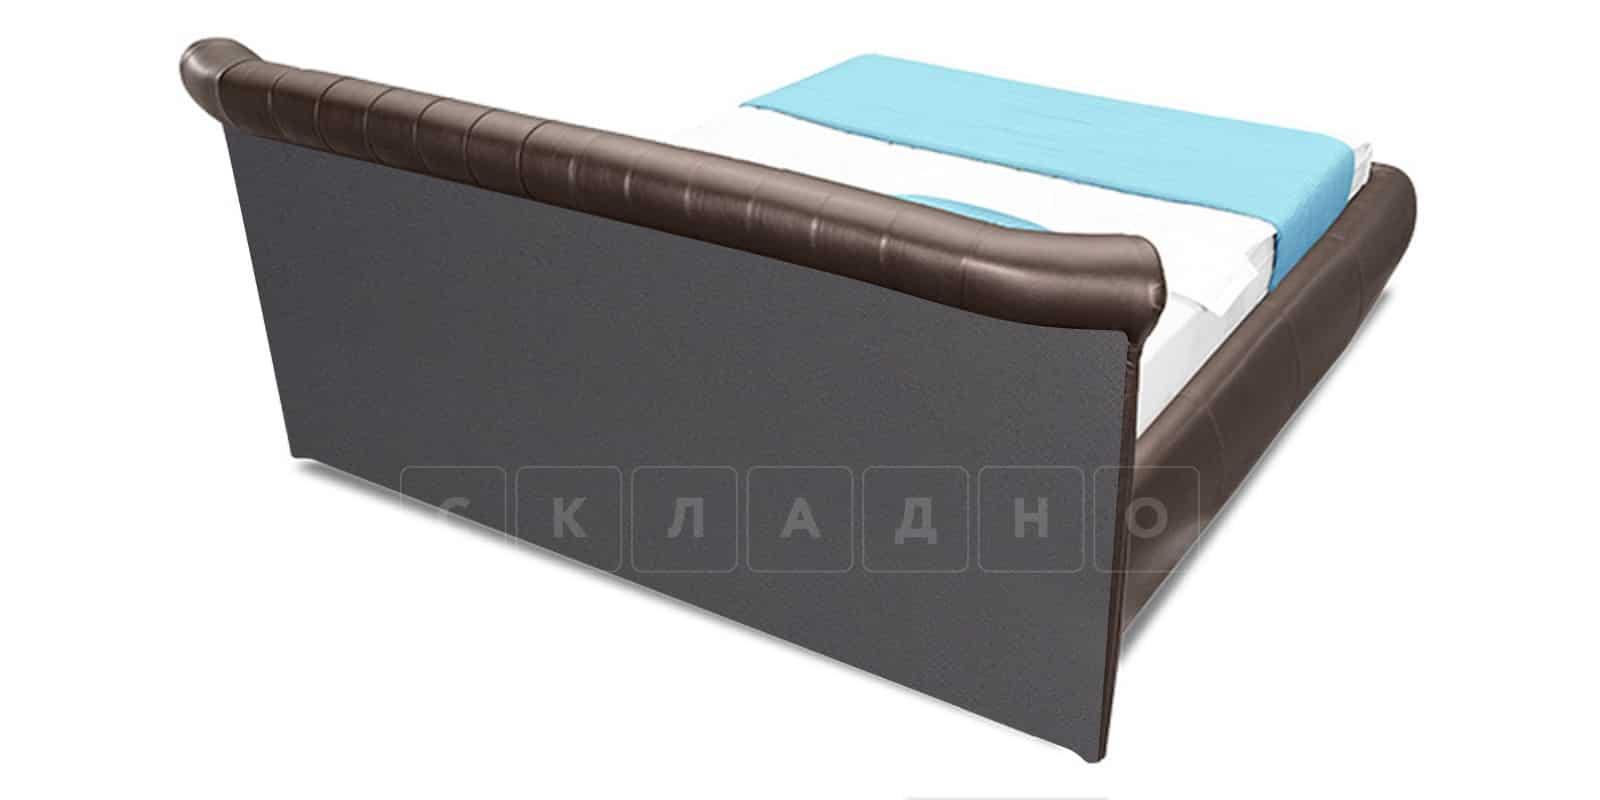 Мягкая кровать Вирджиния 160см экокожа шоколадного цвета фото 3 | интернет-магазин Складно